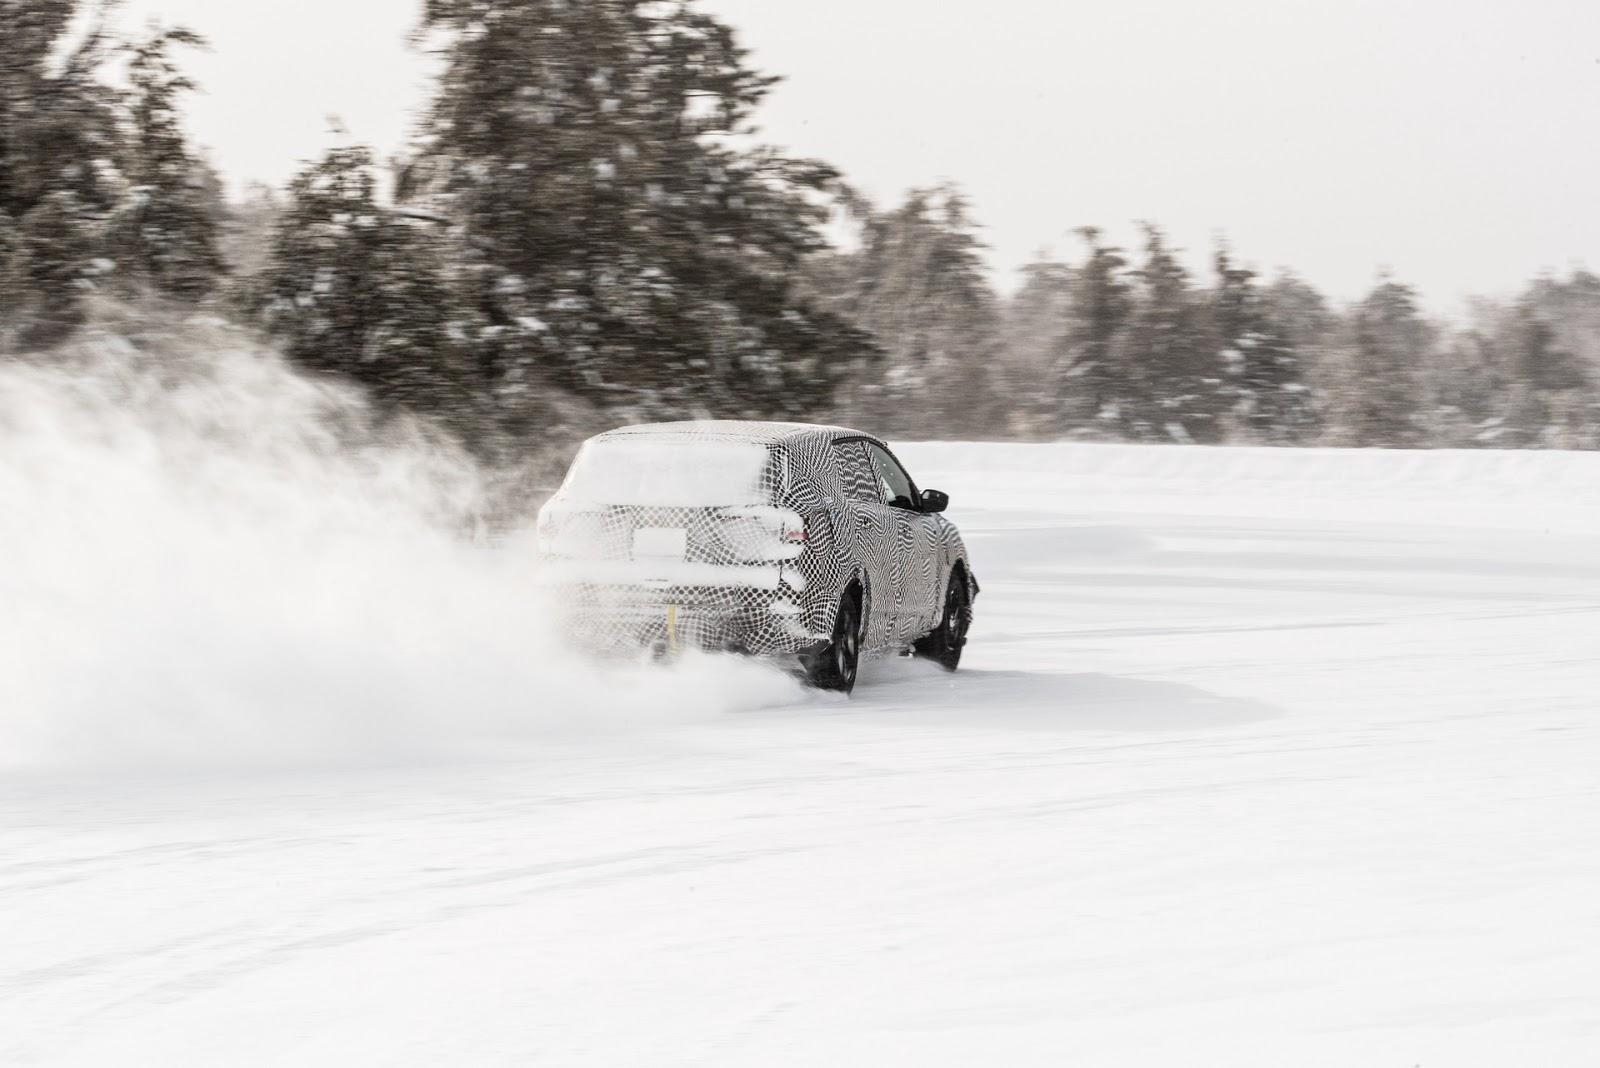 Winter2Btesting2BFord2BEV 02 Δες το ηλεκτρικό SUV της Ford να ντριφτάρει στον πάγο! Electric cars, Ford, video, videos